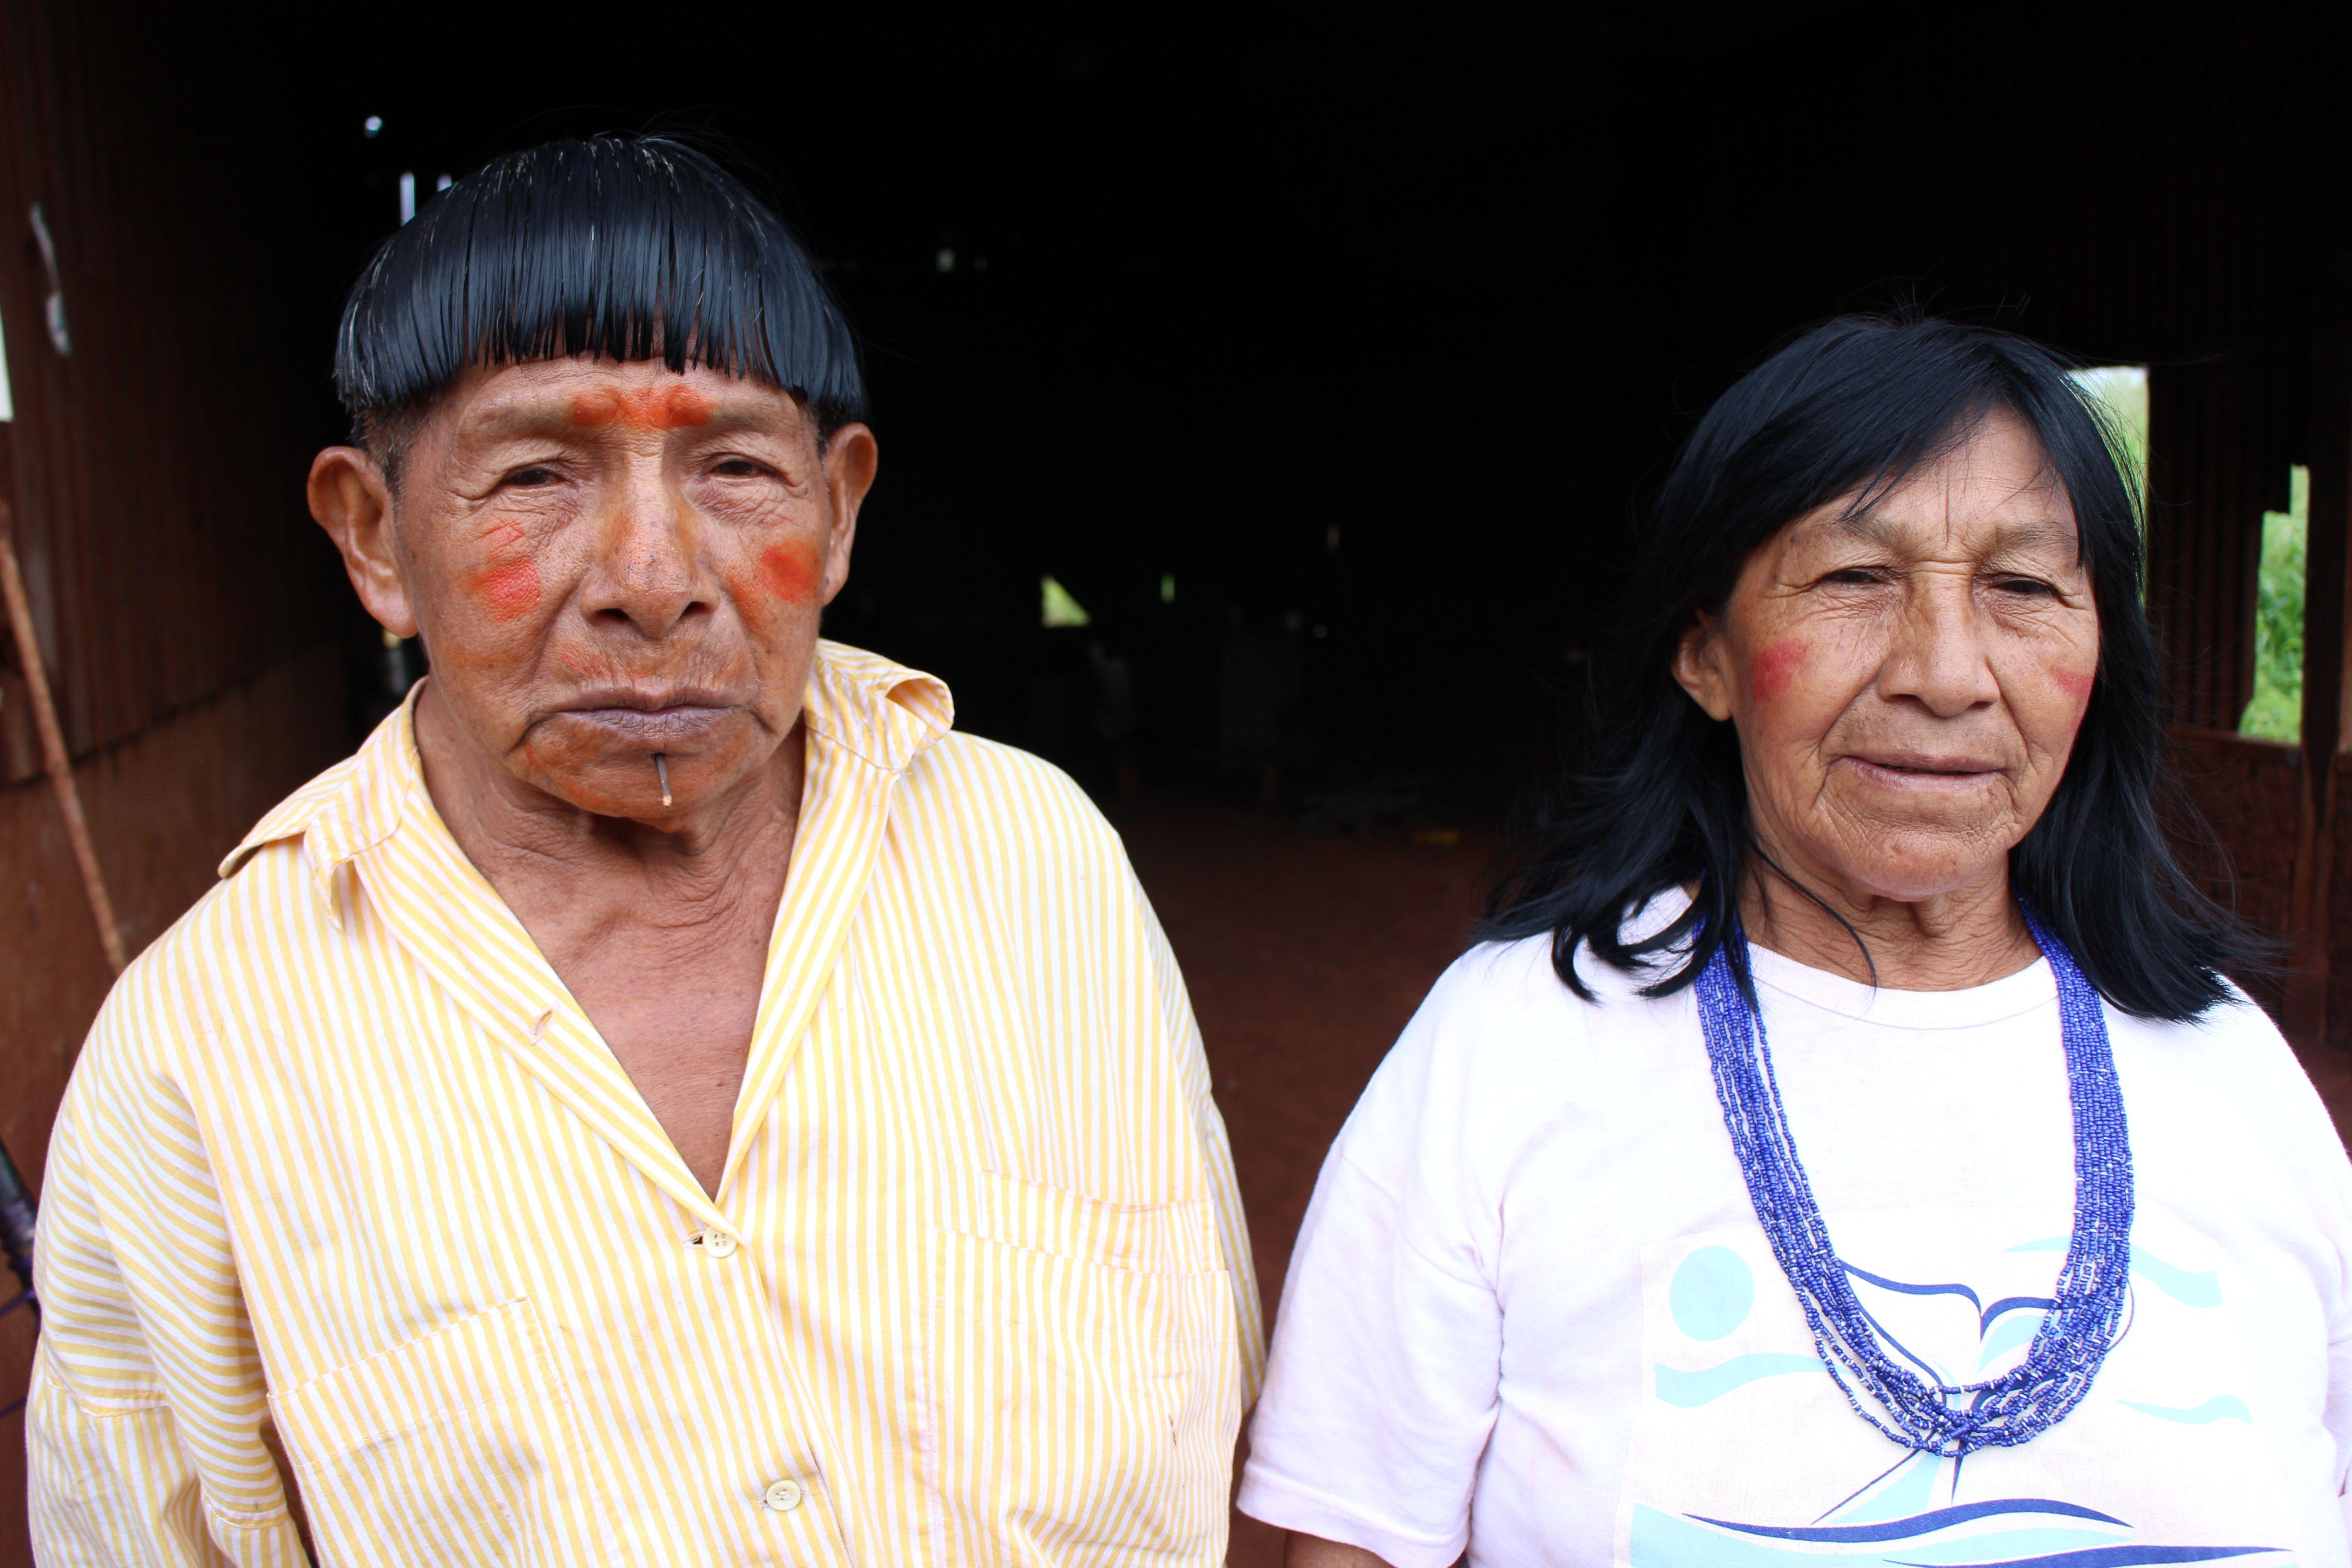 Etnia guaraní kaiowa de Brasil. Foto: Manos Unidas/Franscisco Borges